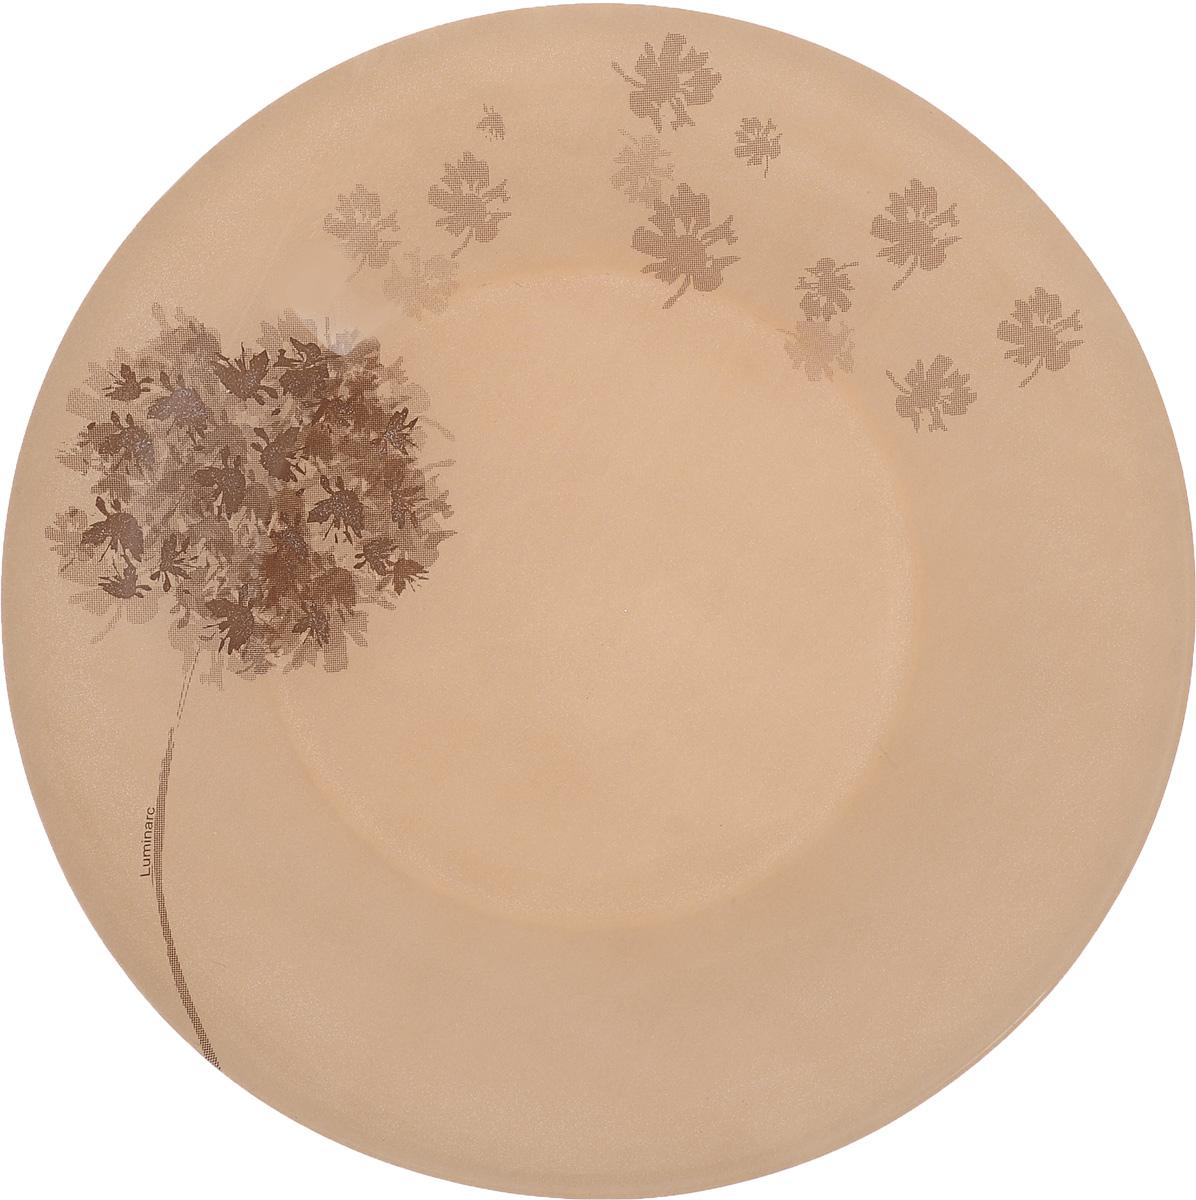 Тарелка десертная Luminarc Stella Chocolat, диаметр 19,5 смJ1910Десертная тарелка Luminarc Stella Chocolat, изготовленная из ударопрочного стекла, имеет изысканный внешний вид. Такая тарелка прекрасно подходит как для торжественных случаев, так и для повседневного использования. Идеальна для подачи десертов, пирожных, тортов и многого другого. Она прекрасно оформит стол и станет отличным дополнением к вашей коллекции кухонной посуды. Диаметр тарелки (по верхнему краю): 19,5 см. Высота тарелки: 1,7 см.